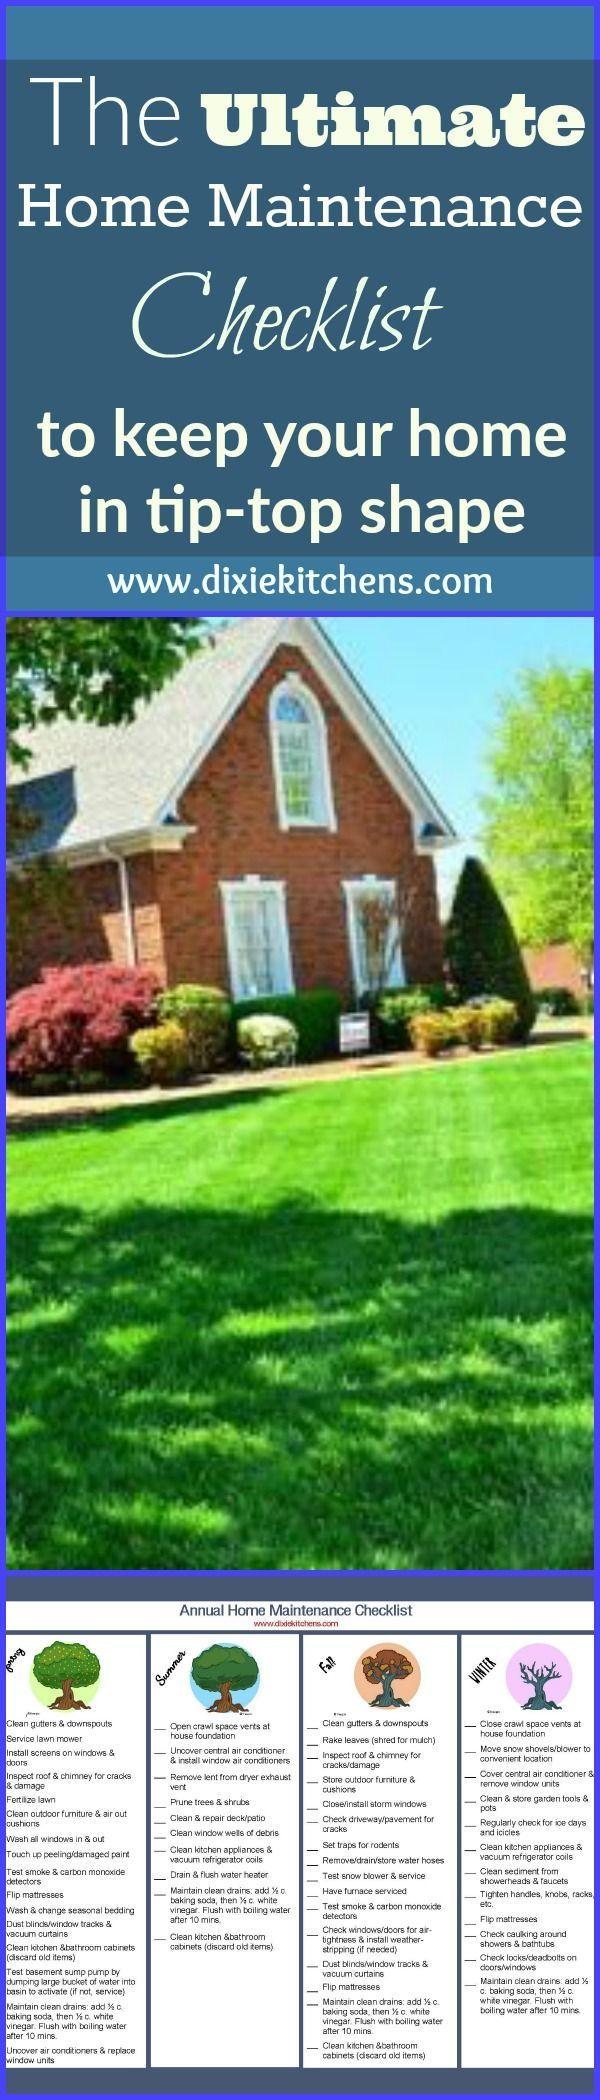 Photo of Die ultimative Checkliste für die jährliche Wartung Ihres Hauses